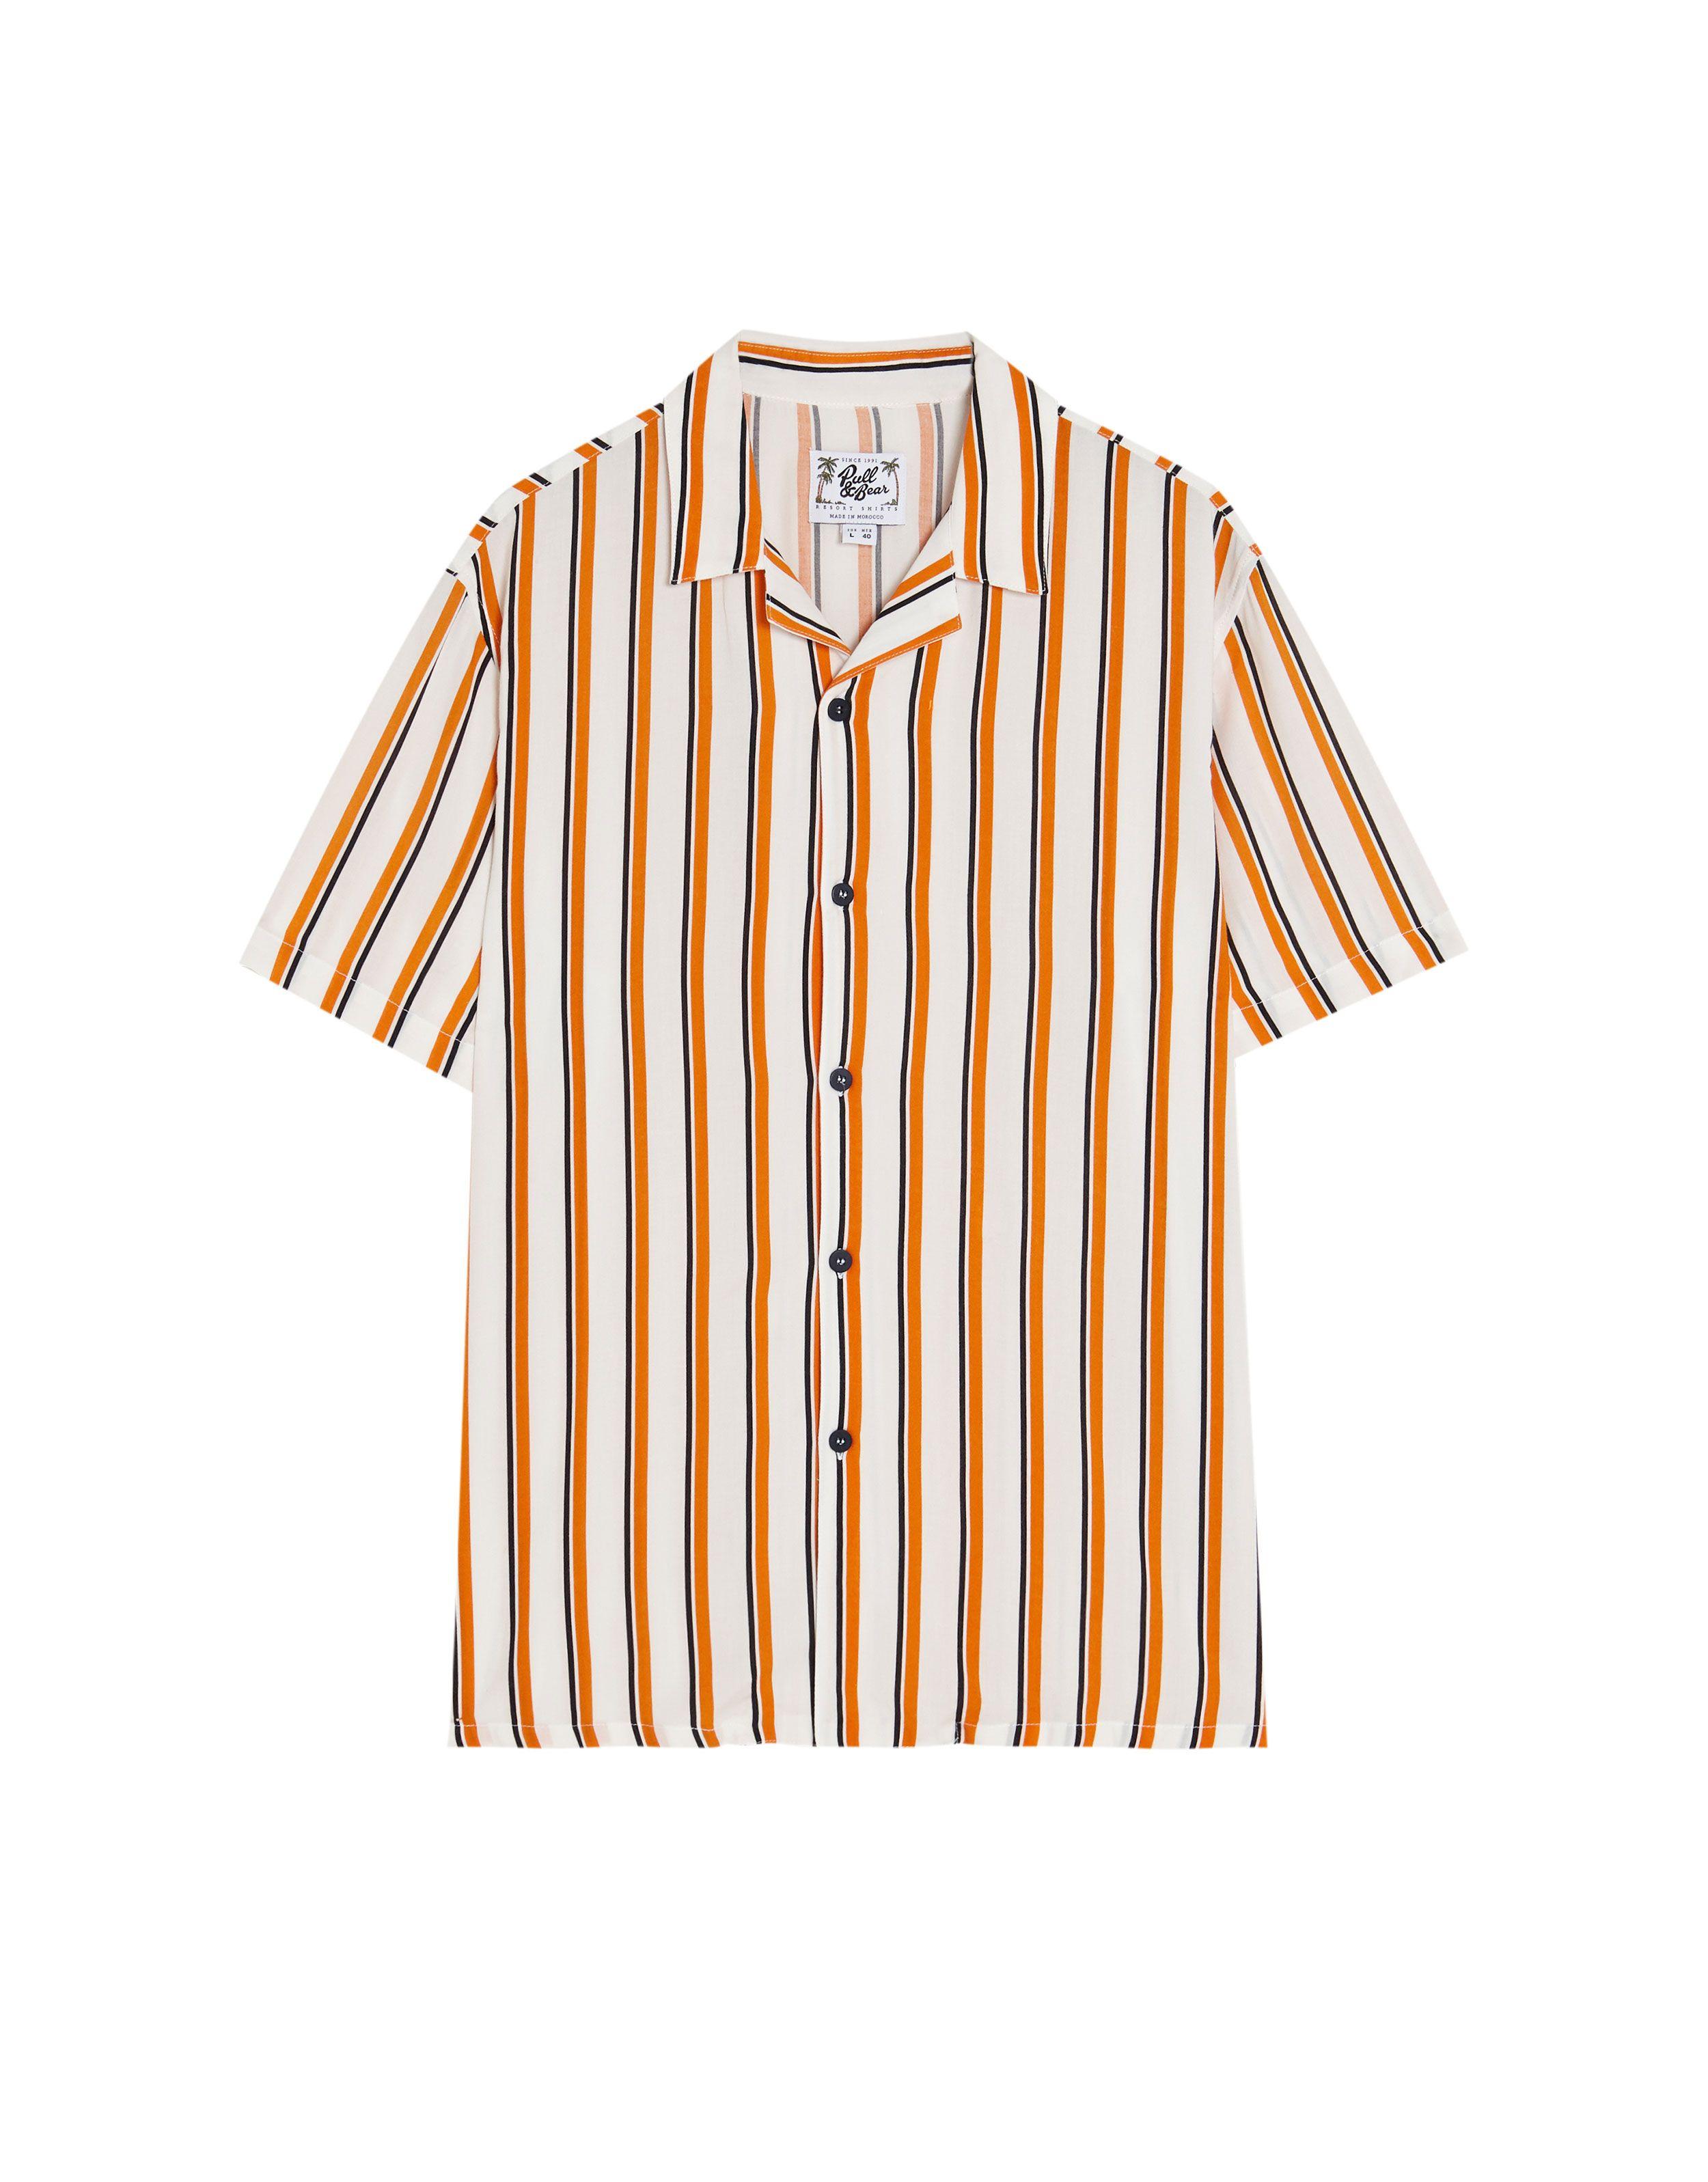 bien conocido como escoger estilo limitado Camisa manga corta rayas blancas - Camisas - Ropa - Hombre ...